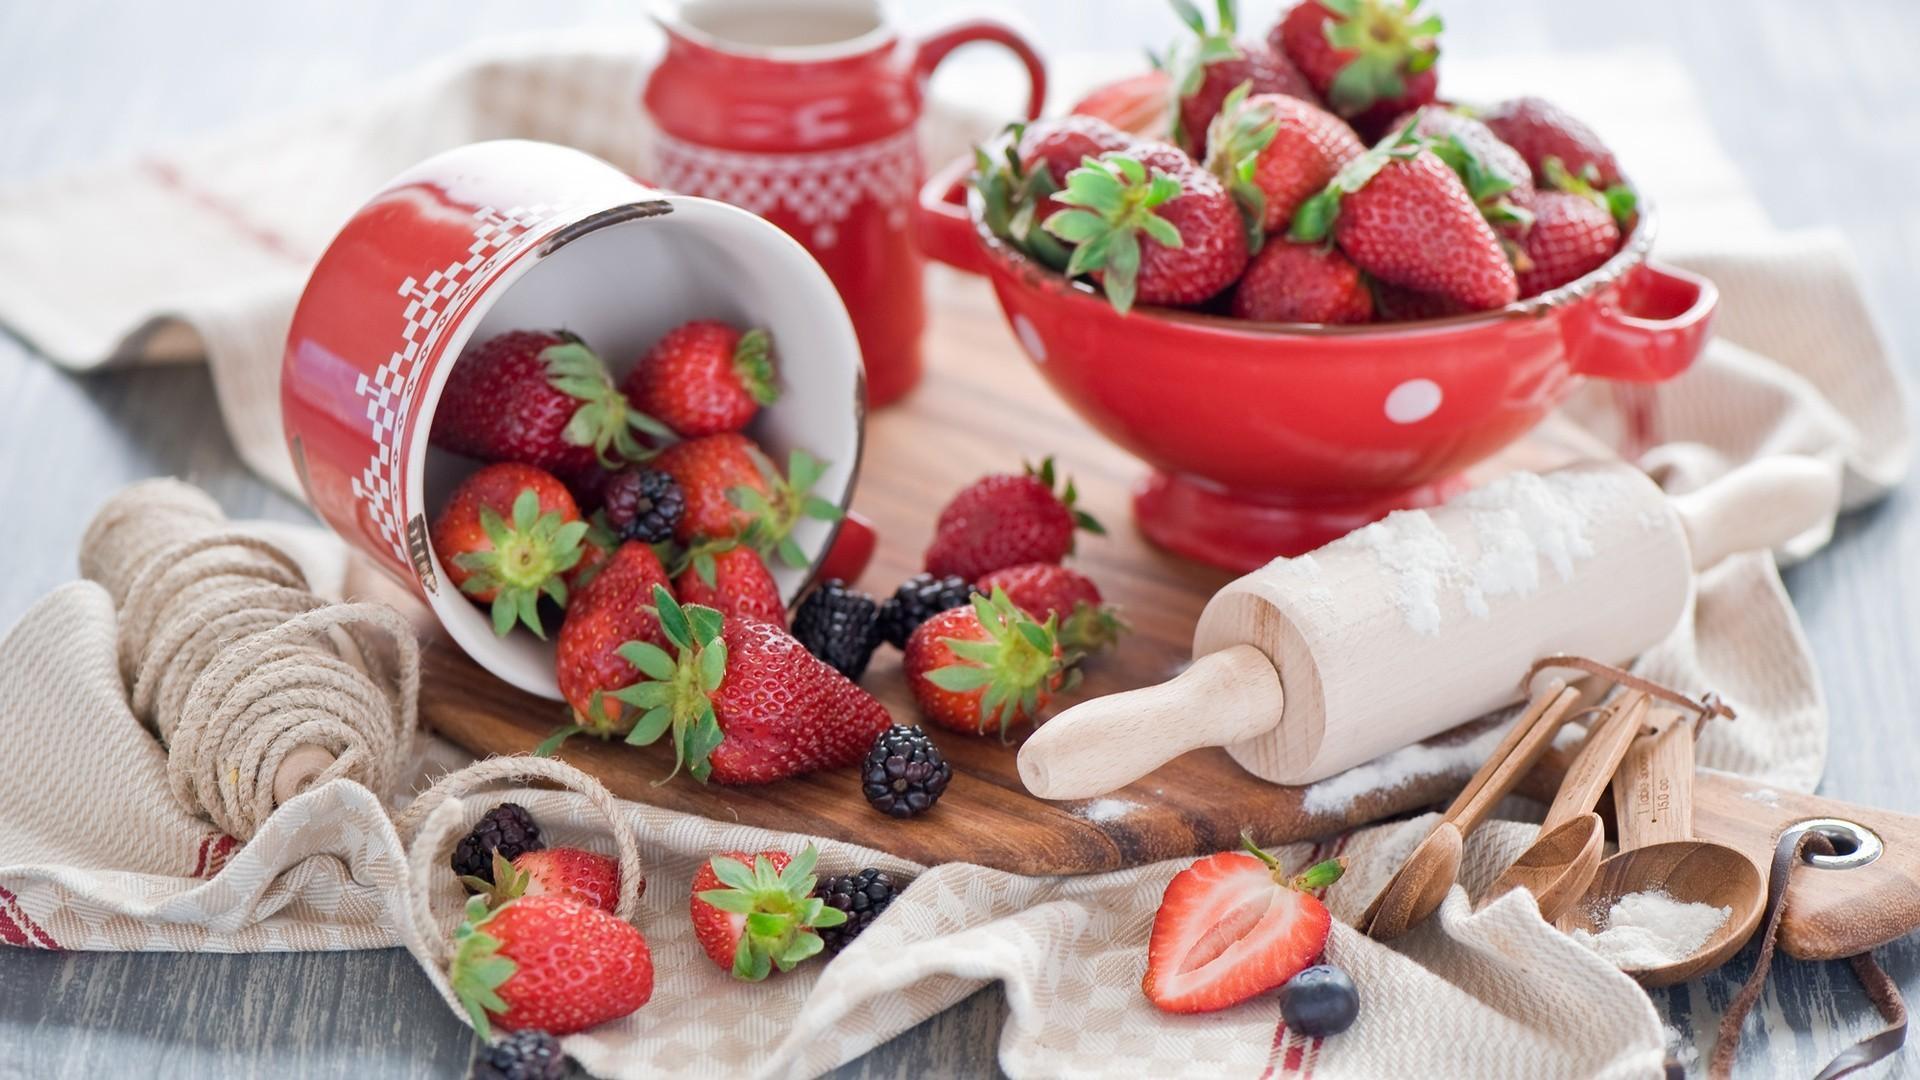 Kitchen strawberries food art wallpaper 71536 1920x1080